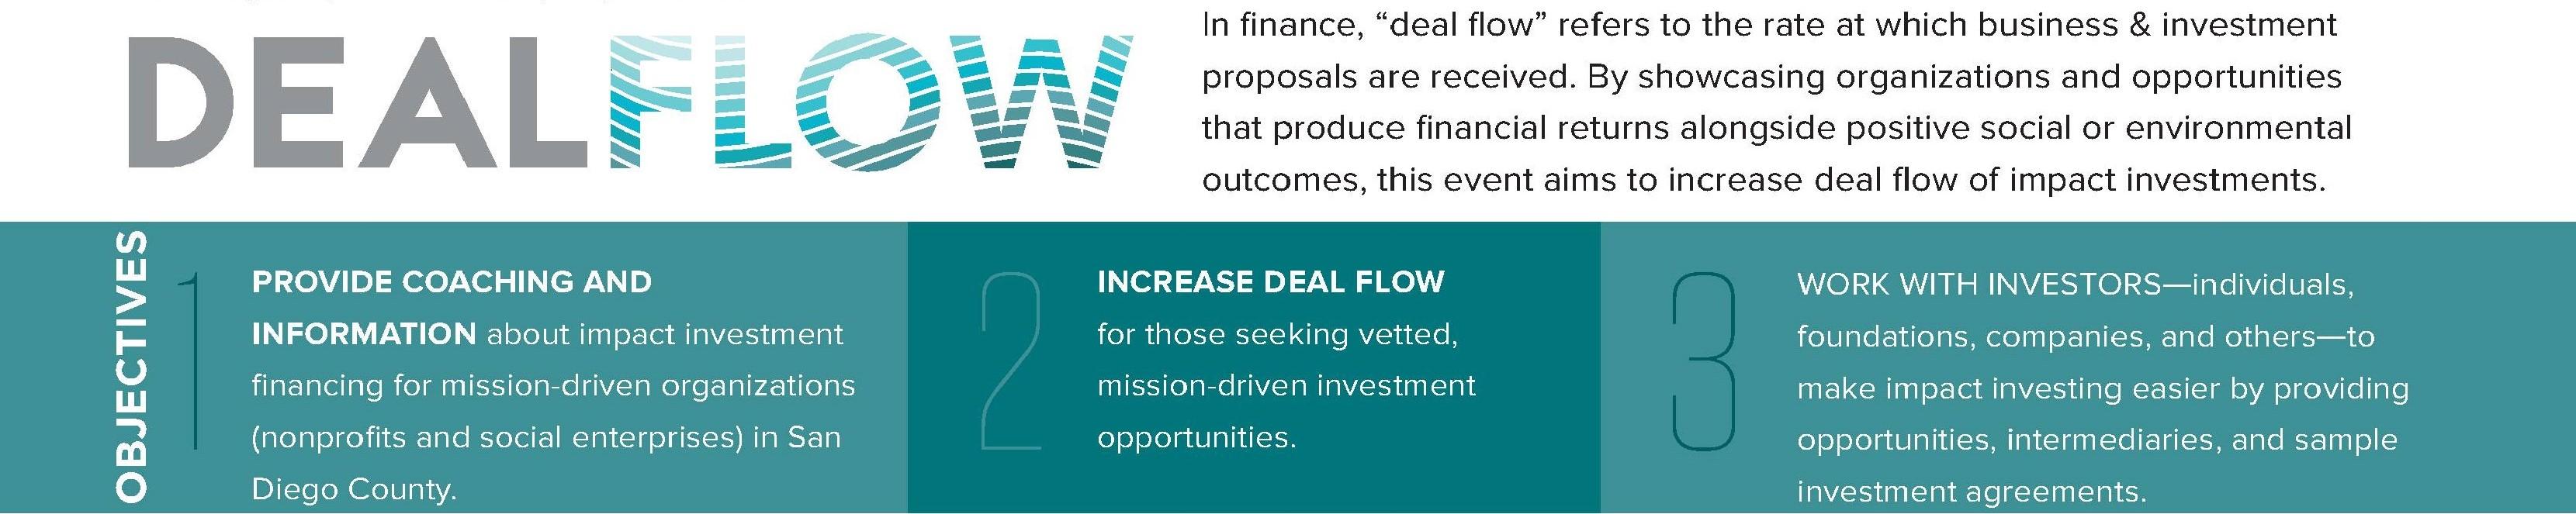 Final_final_deal_flow.jpg